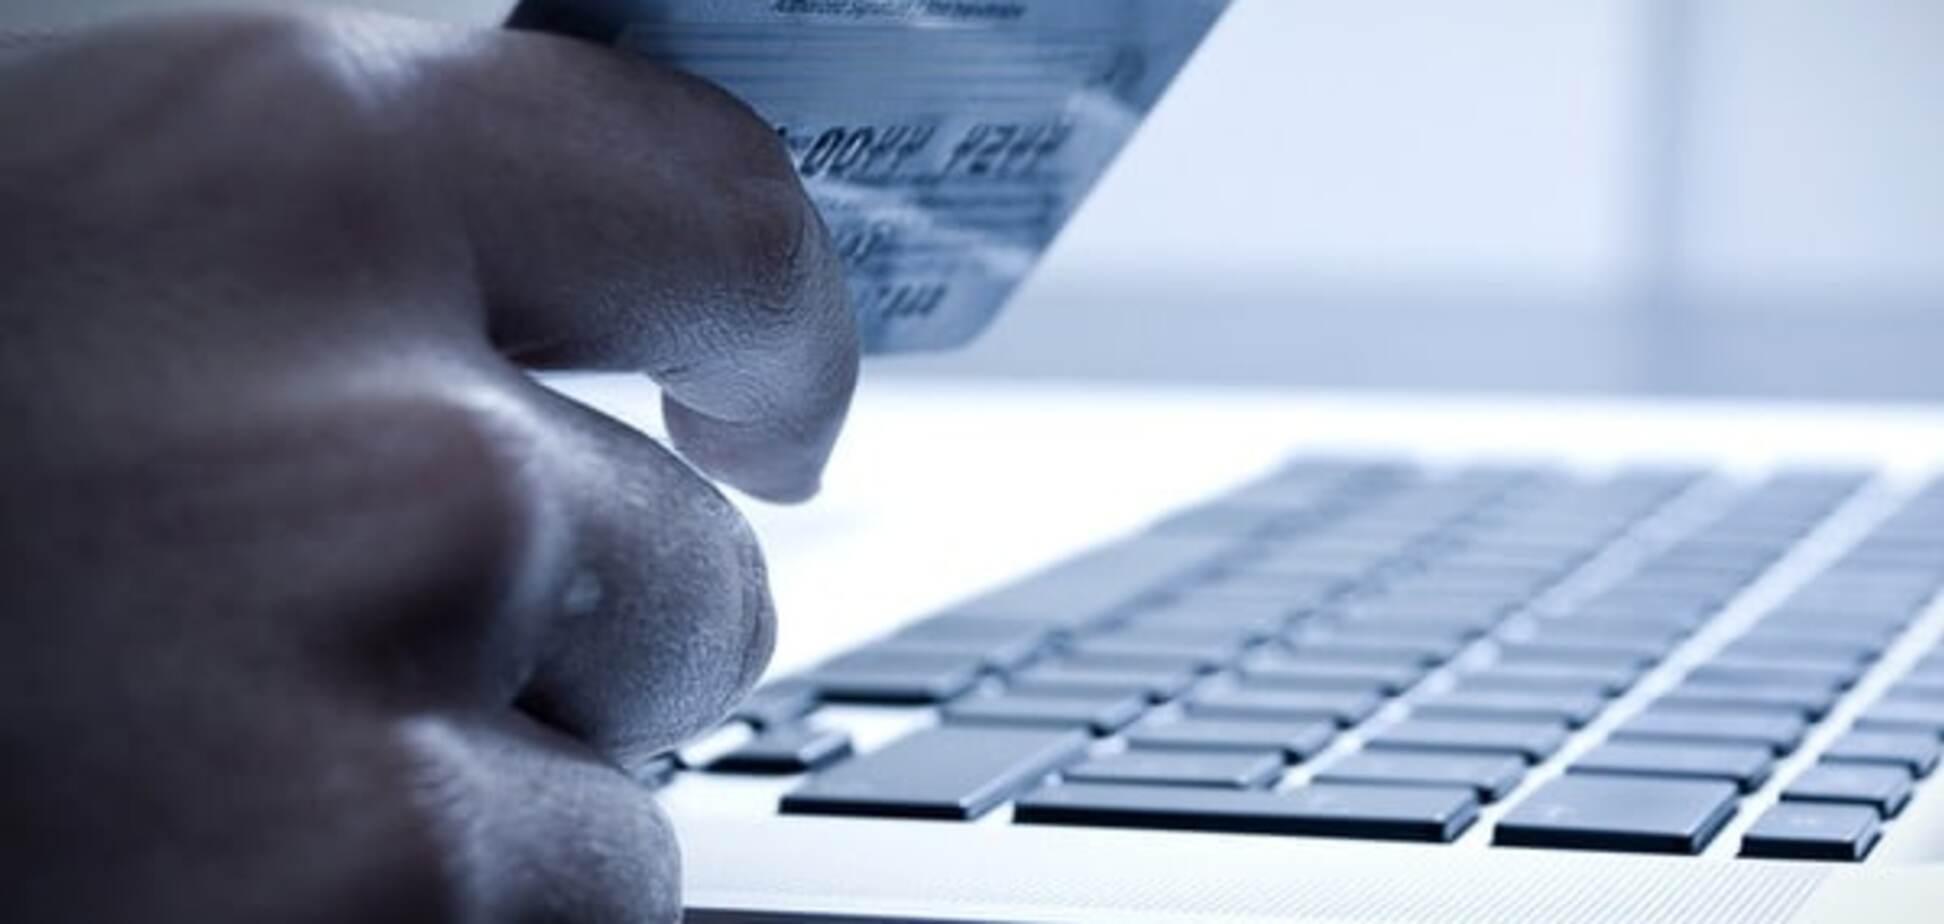 Кражи с банковских карточек: в каких регионах Украины это делали чаще всего